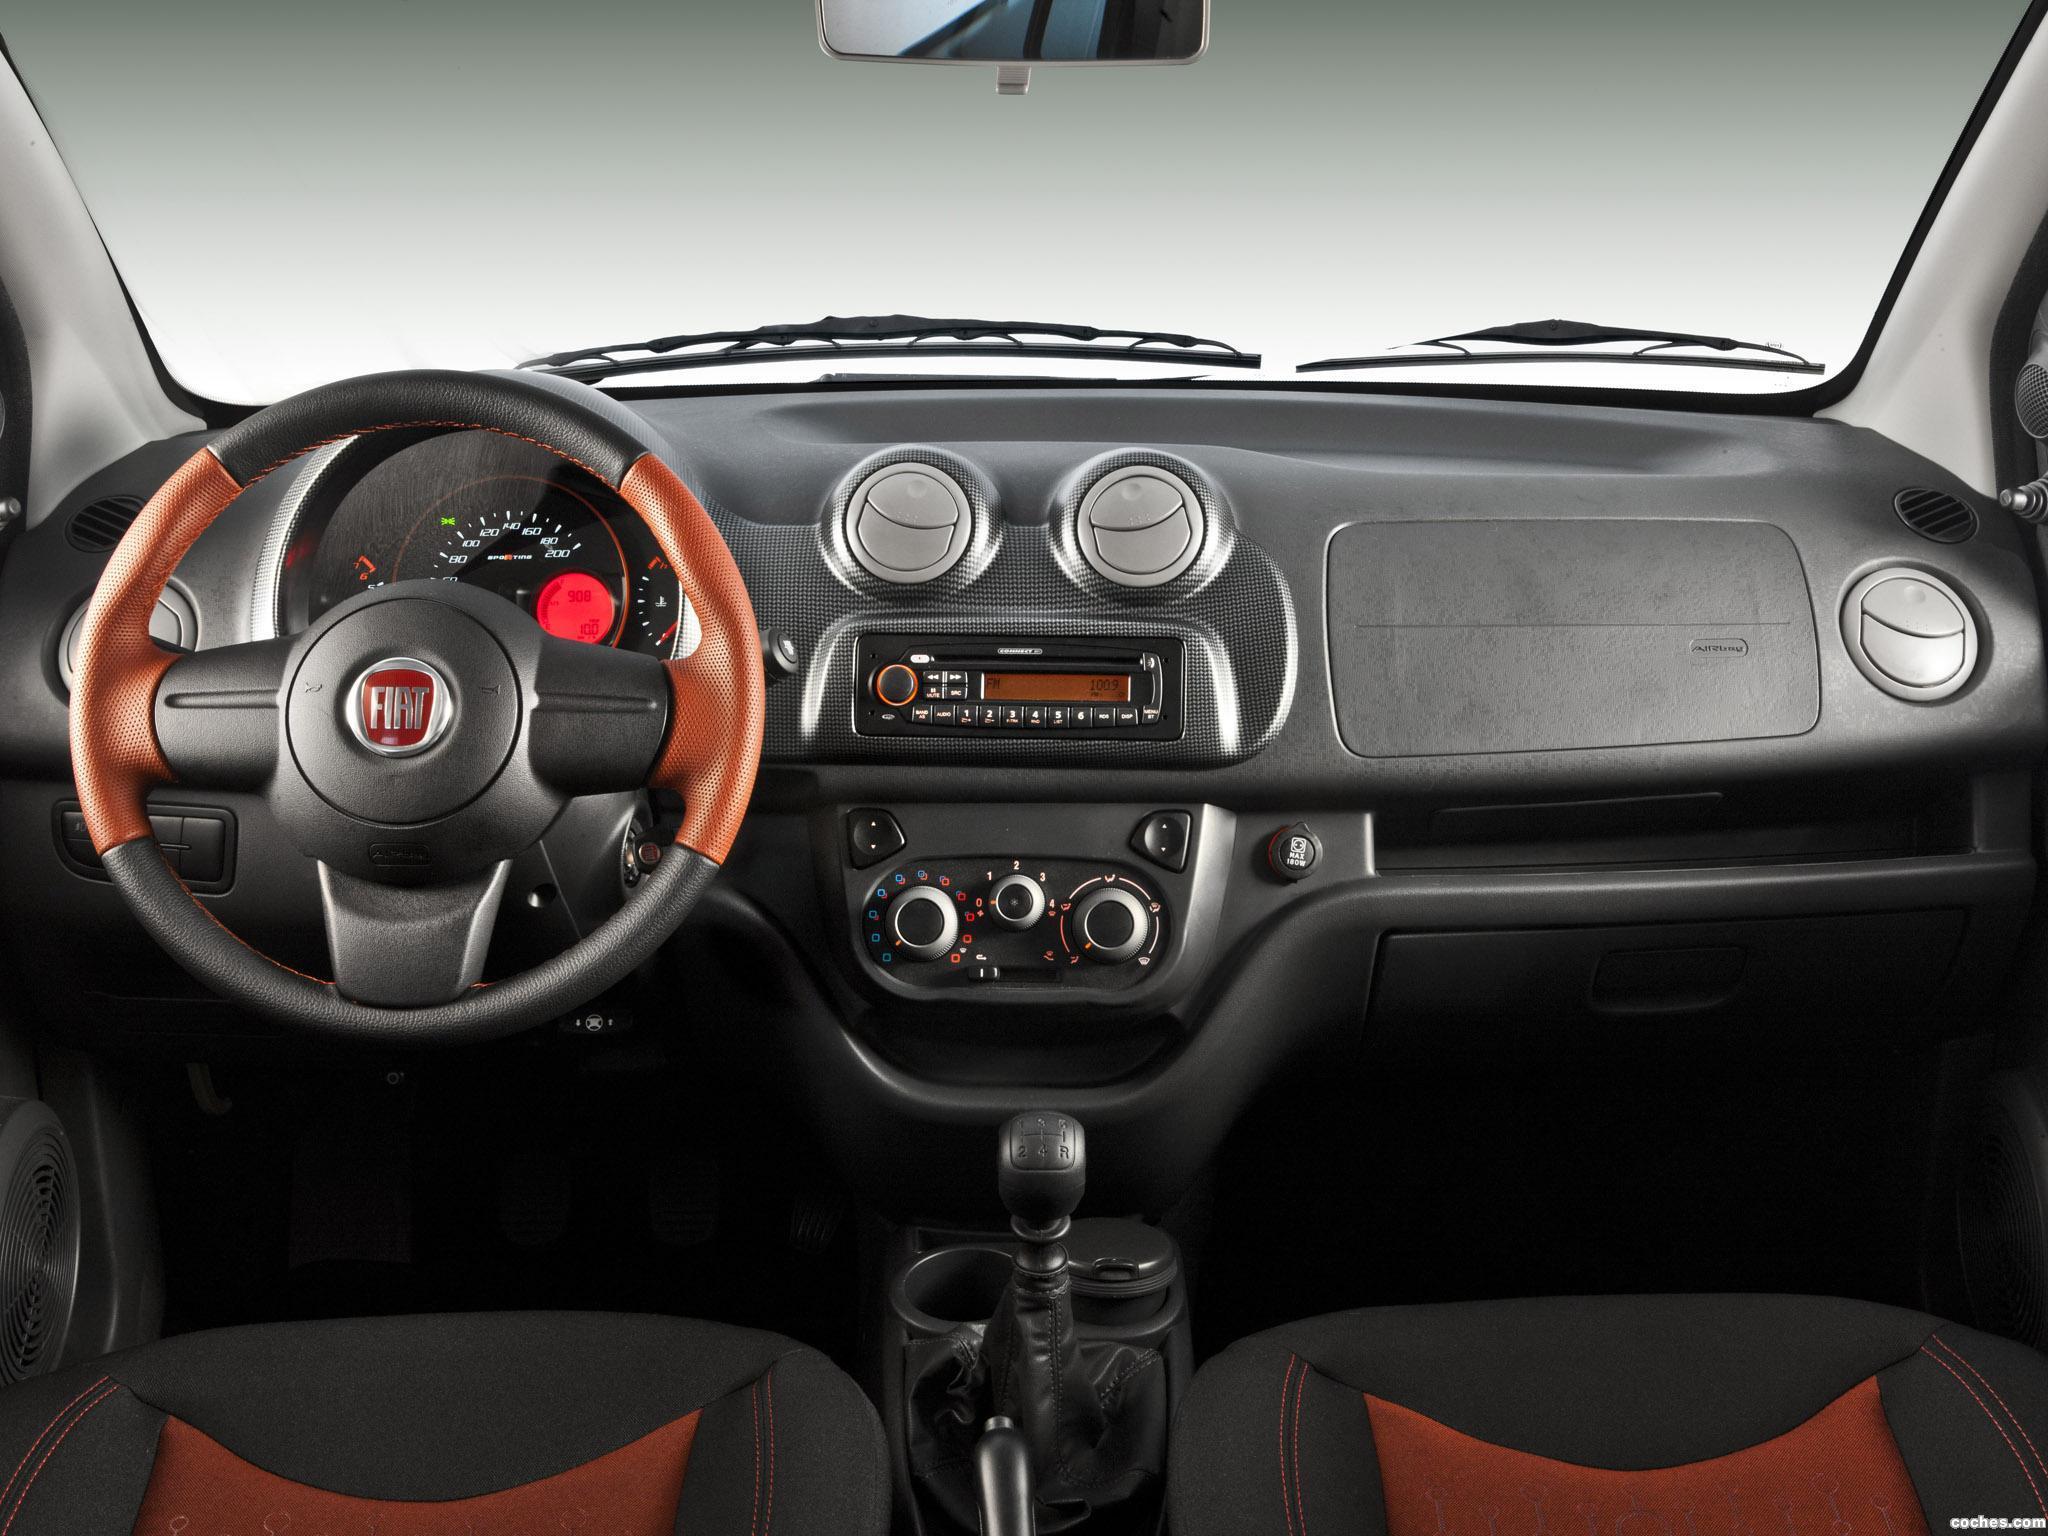 Foto 7 de Fiat Uno Sporting 3 puertas 2011